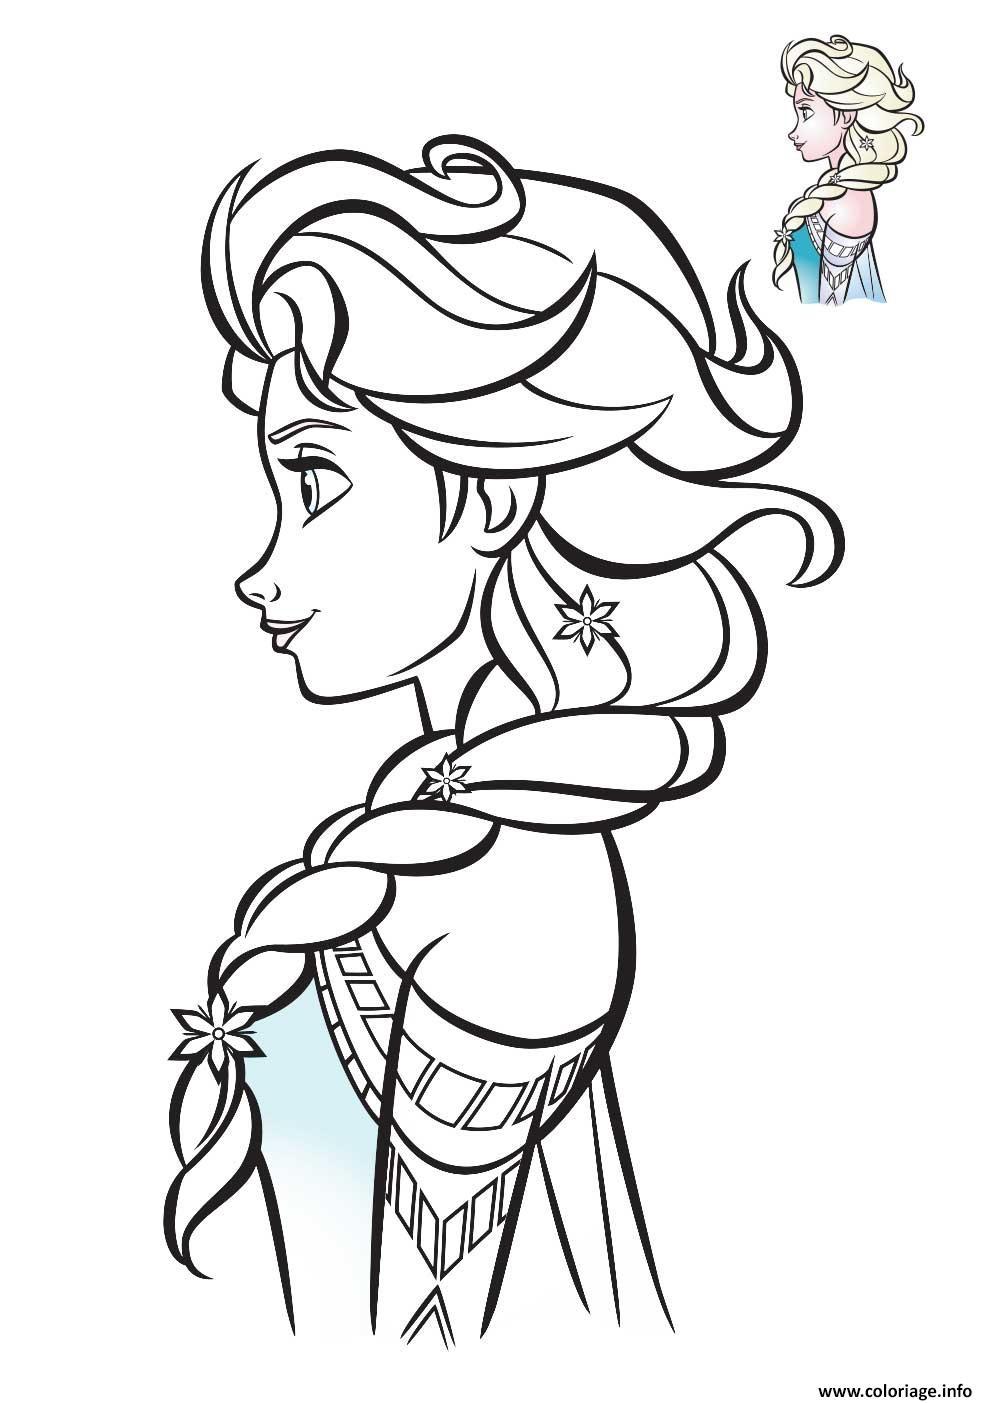 Coloriage elsa reine des neiges de profil 2018 dessin - Jeux gratuits de reine des neige ...